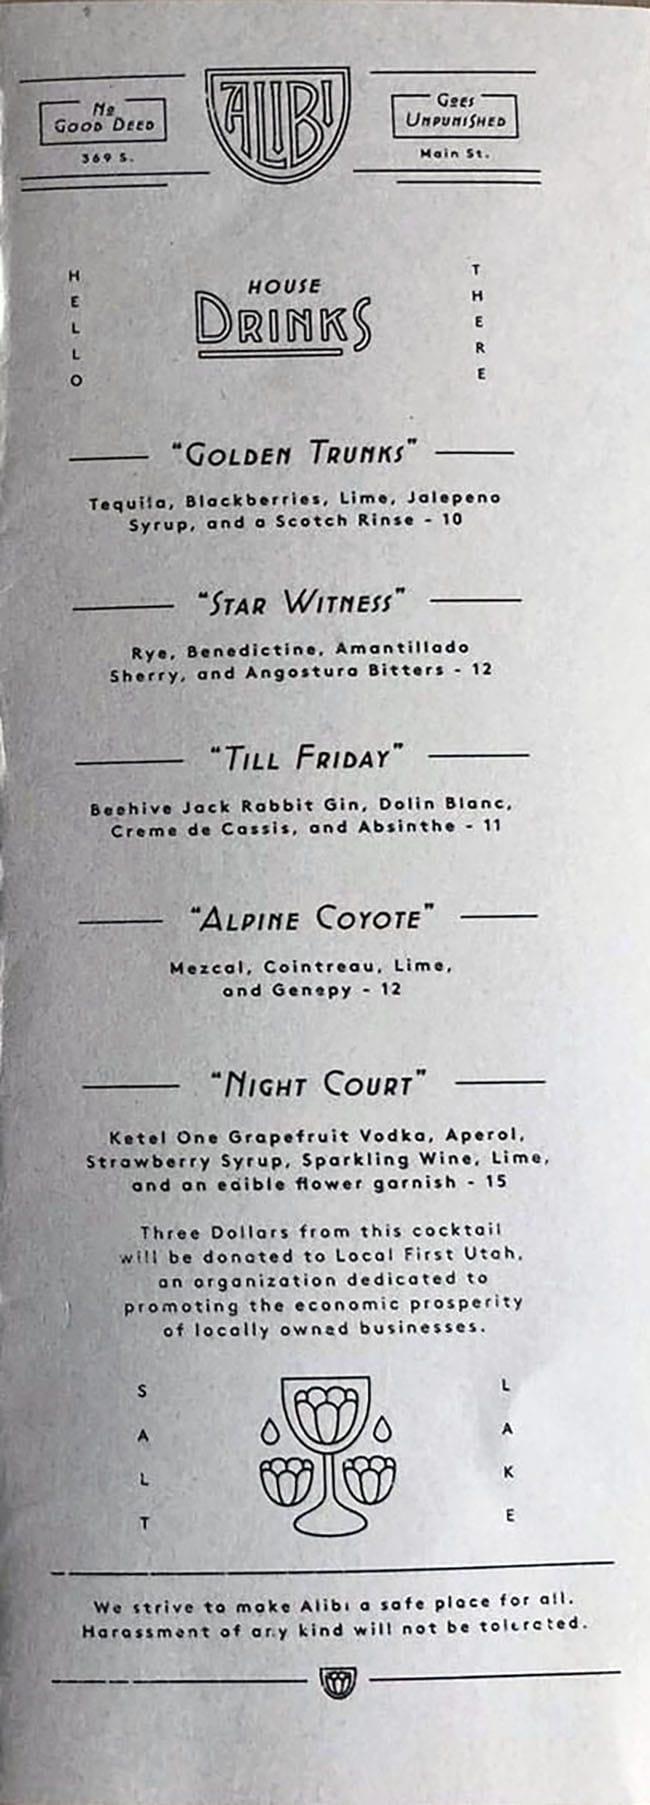 Alibi menu - cocktails